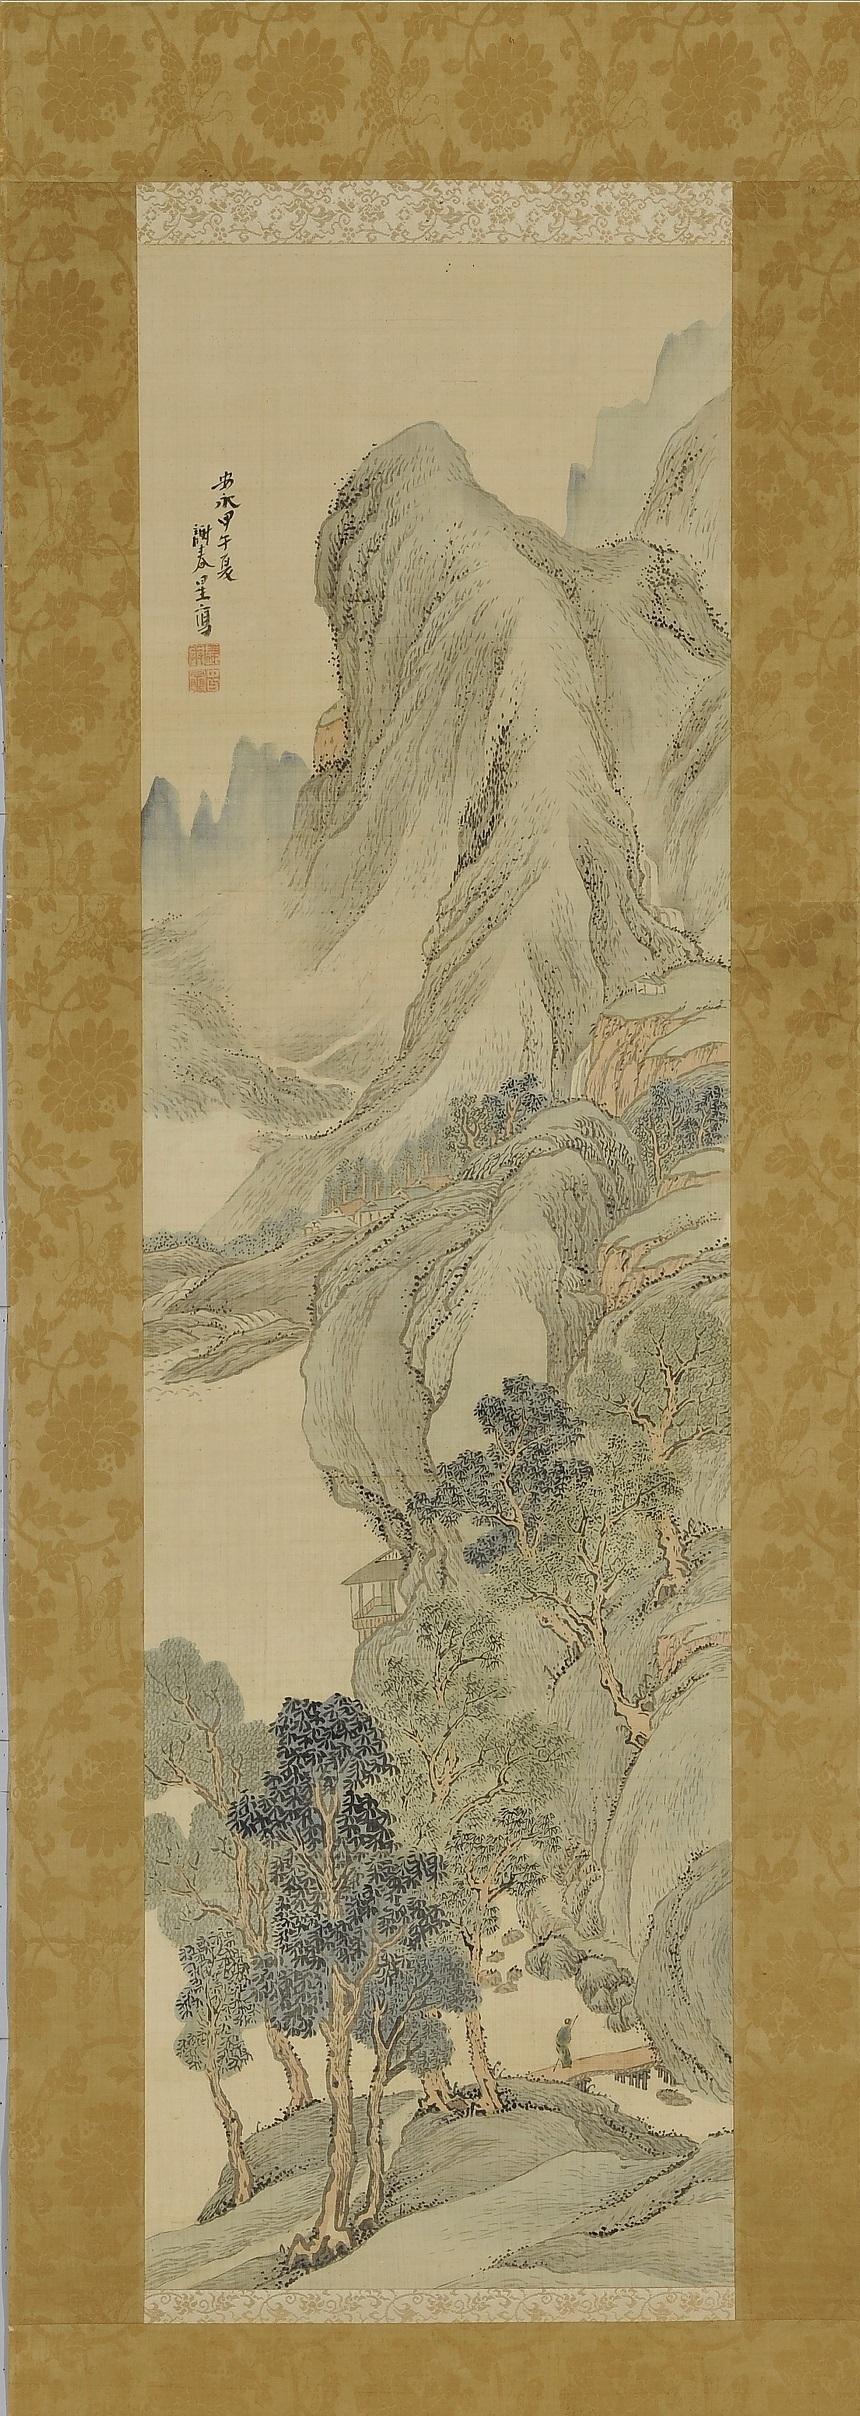 万葉洞 山水図 与謝蕪村